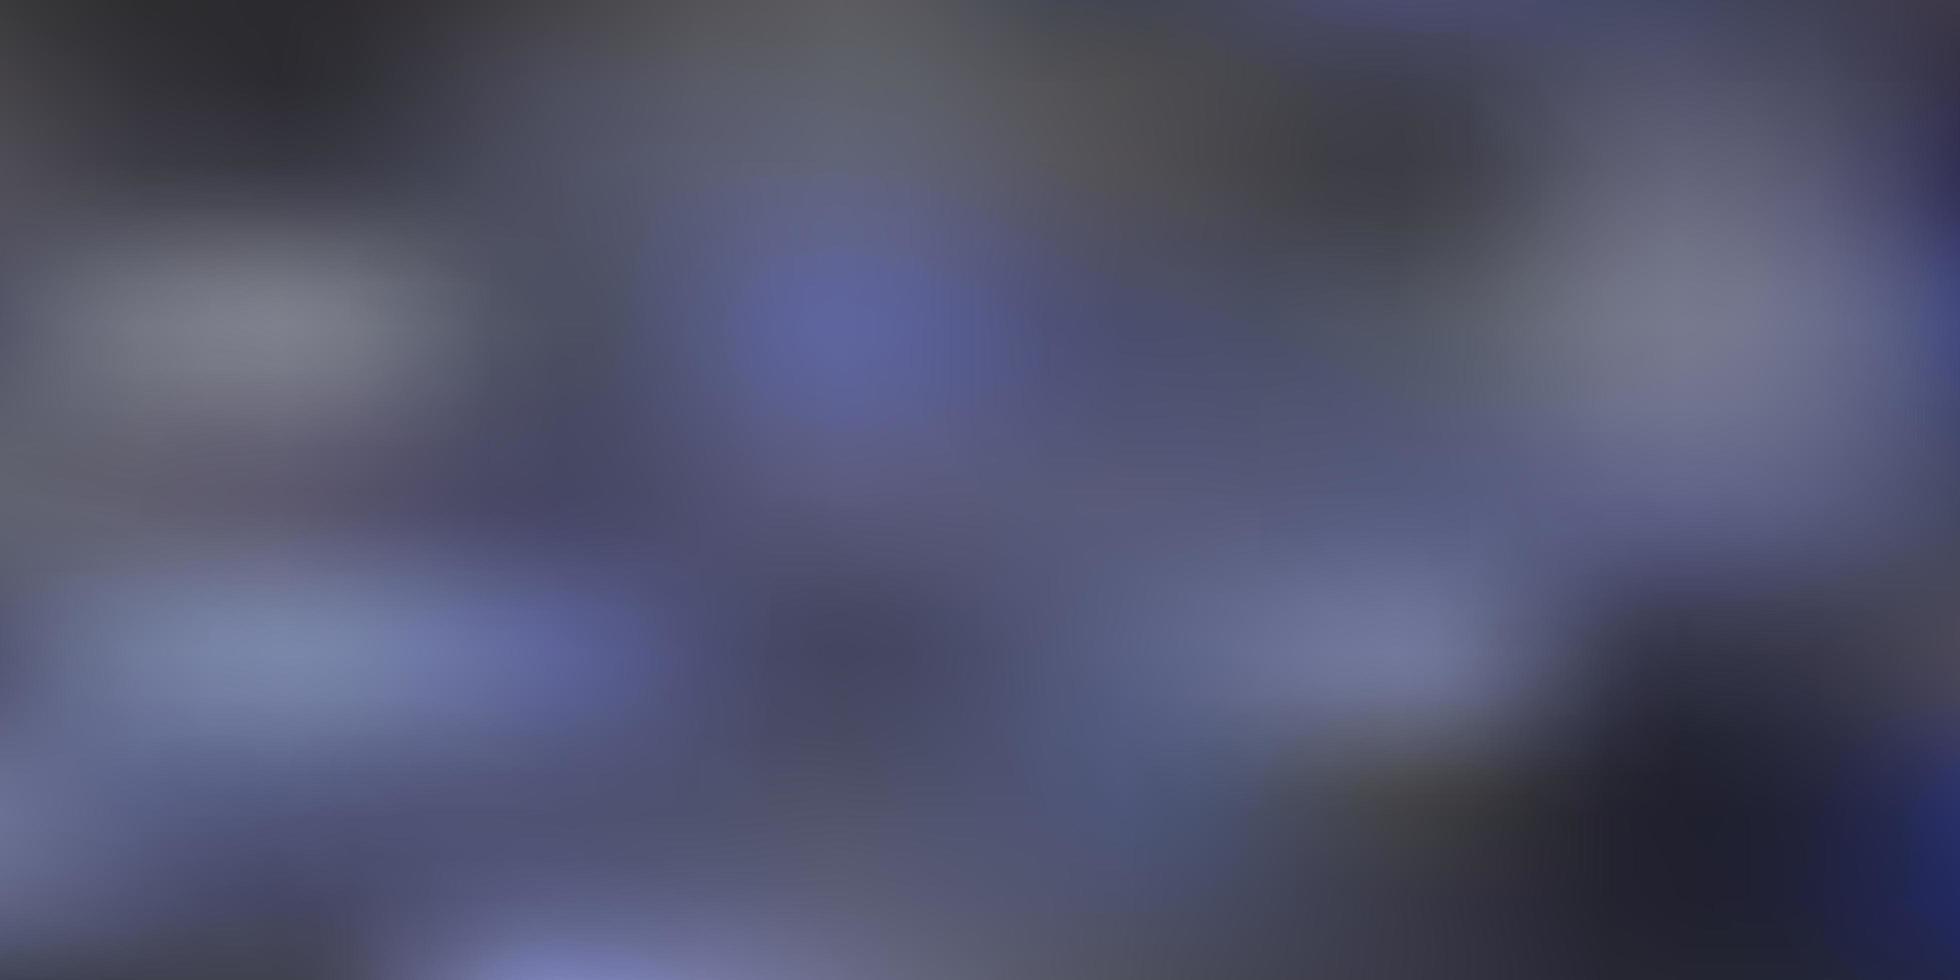 diseño de desenfoque degradado vectorial azul oscuro. vector